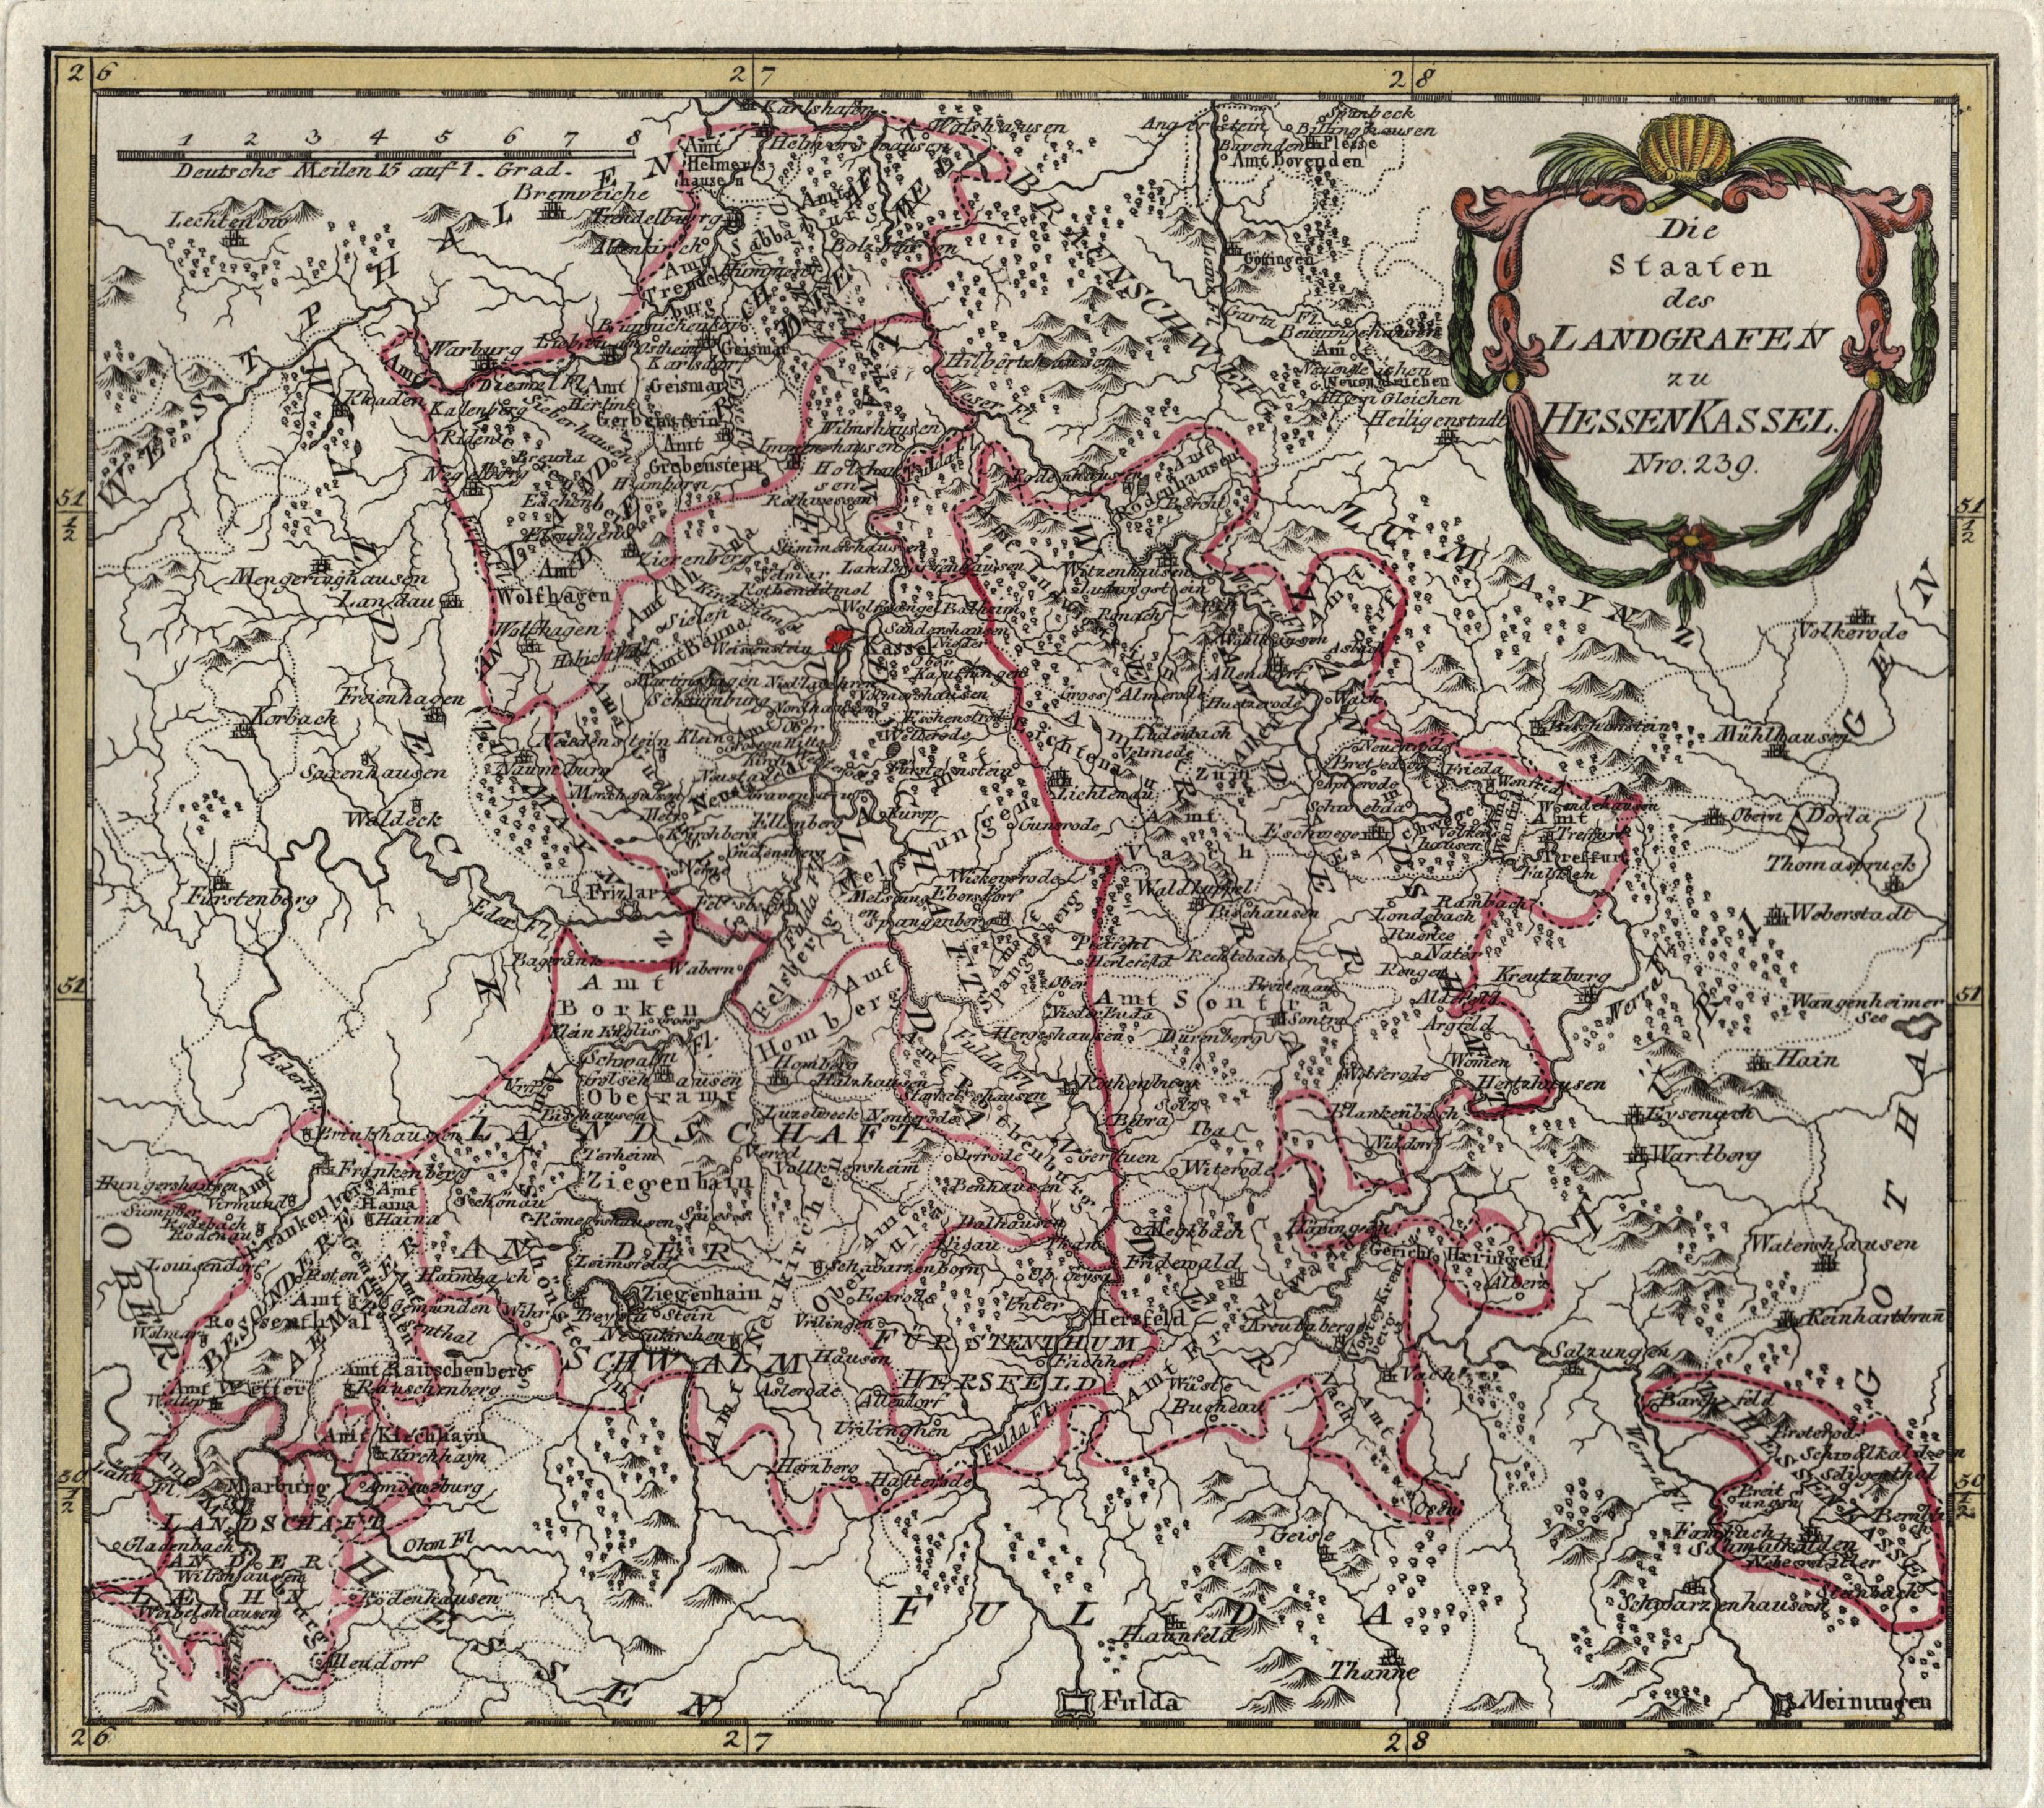 """Kst.- Karte, b. Reilly, """"Die Staaten des: Nordhessen:"""